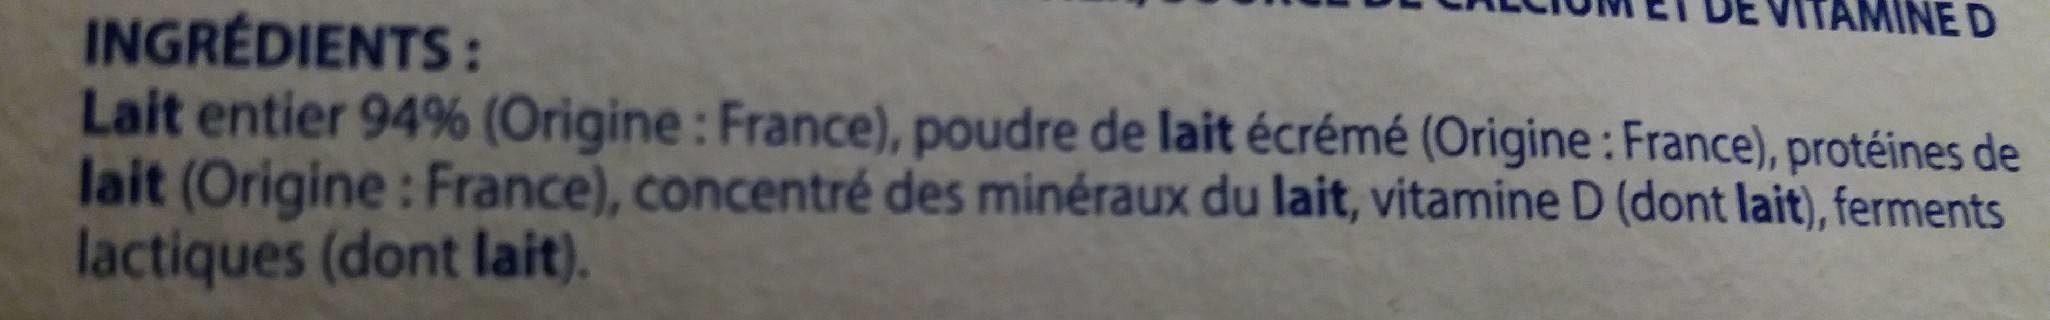 Onctueux - 16 Yaourts brassés nature - Ingrédients - fr